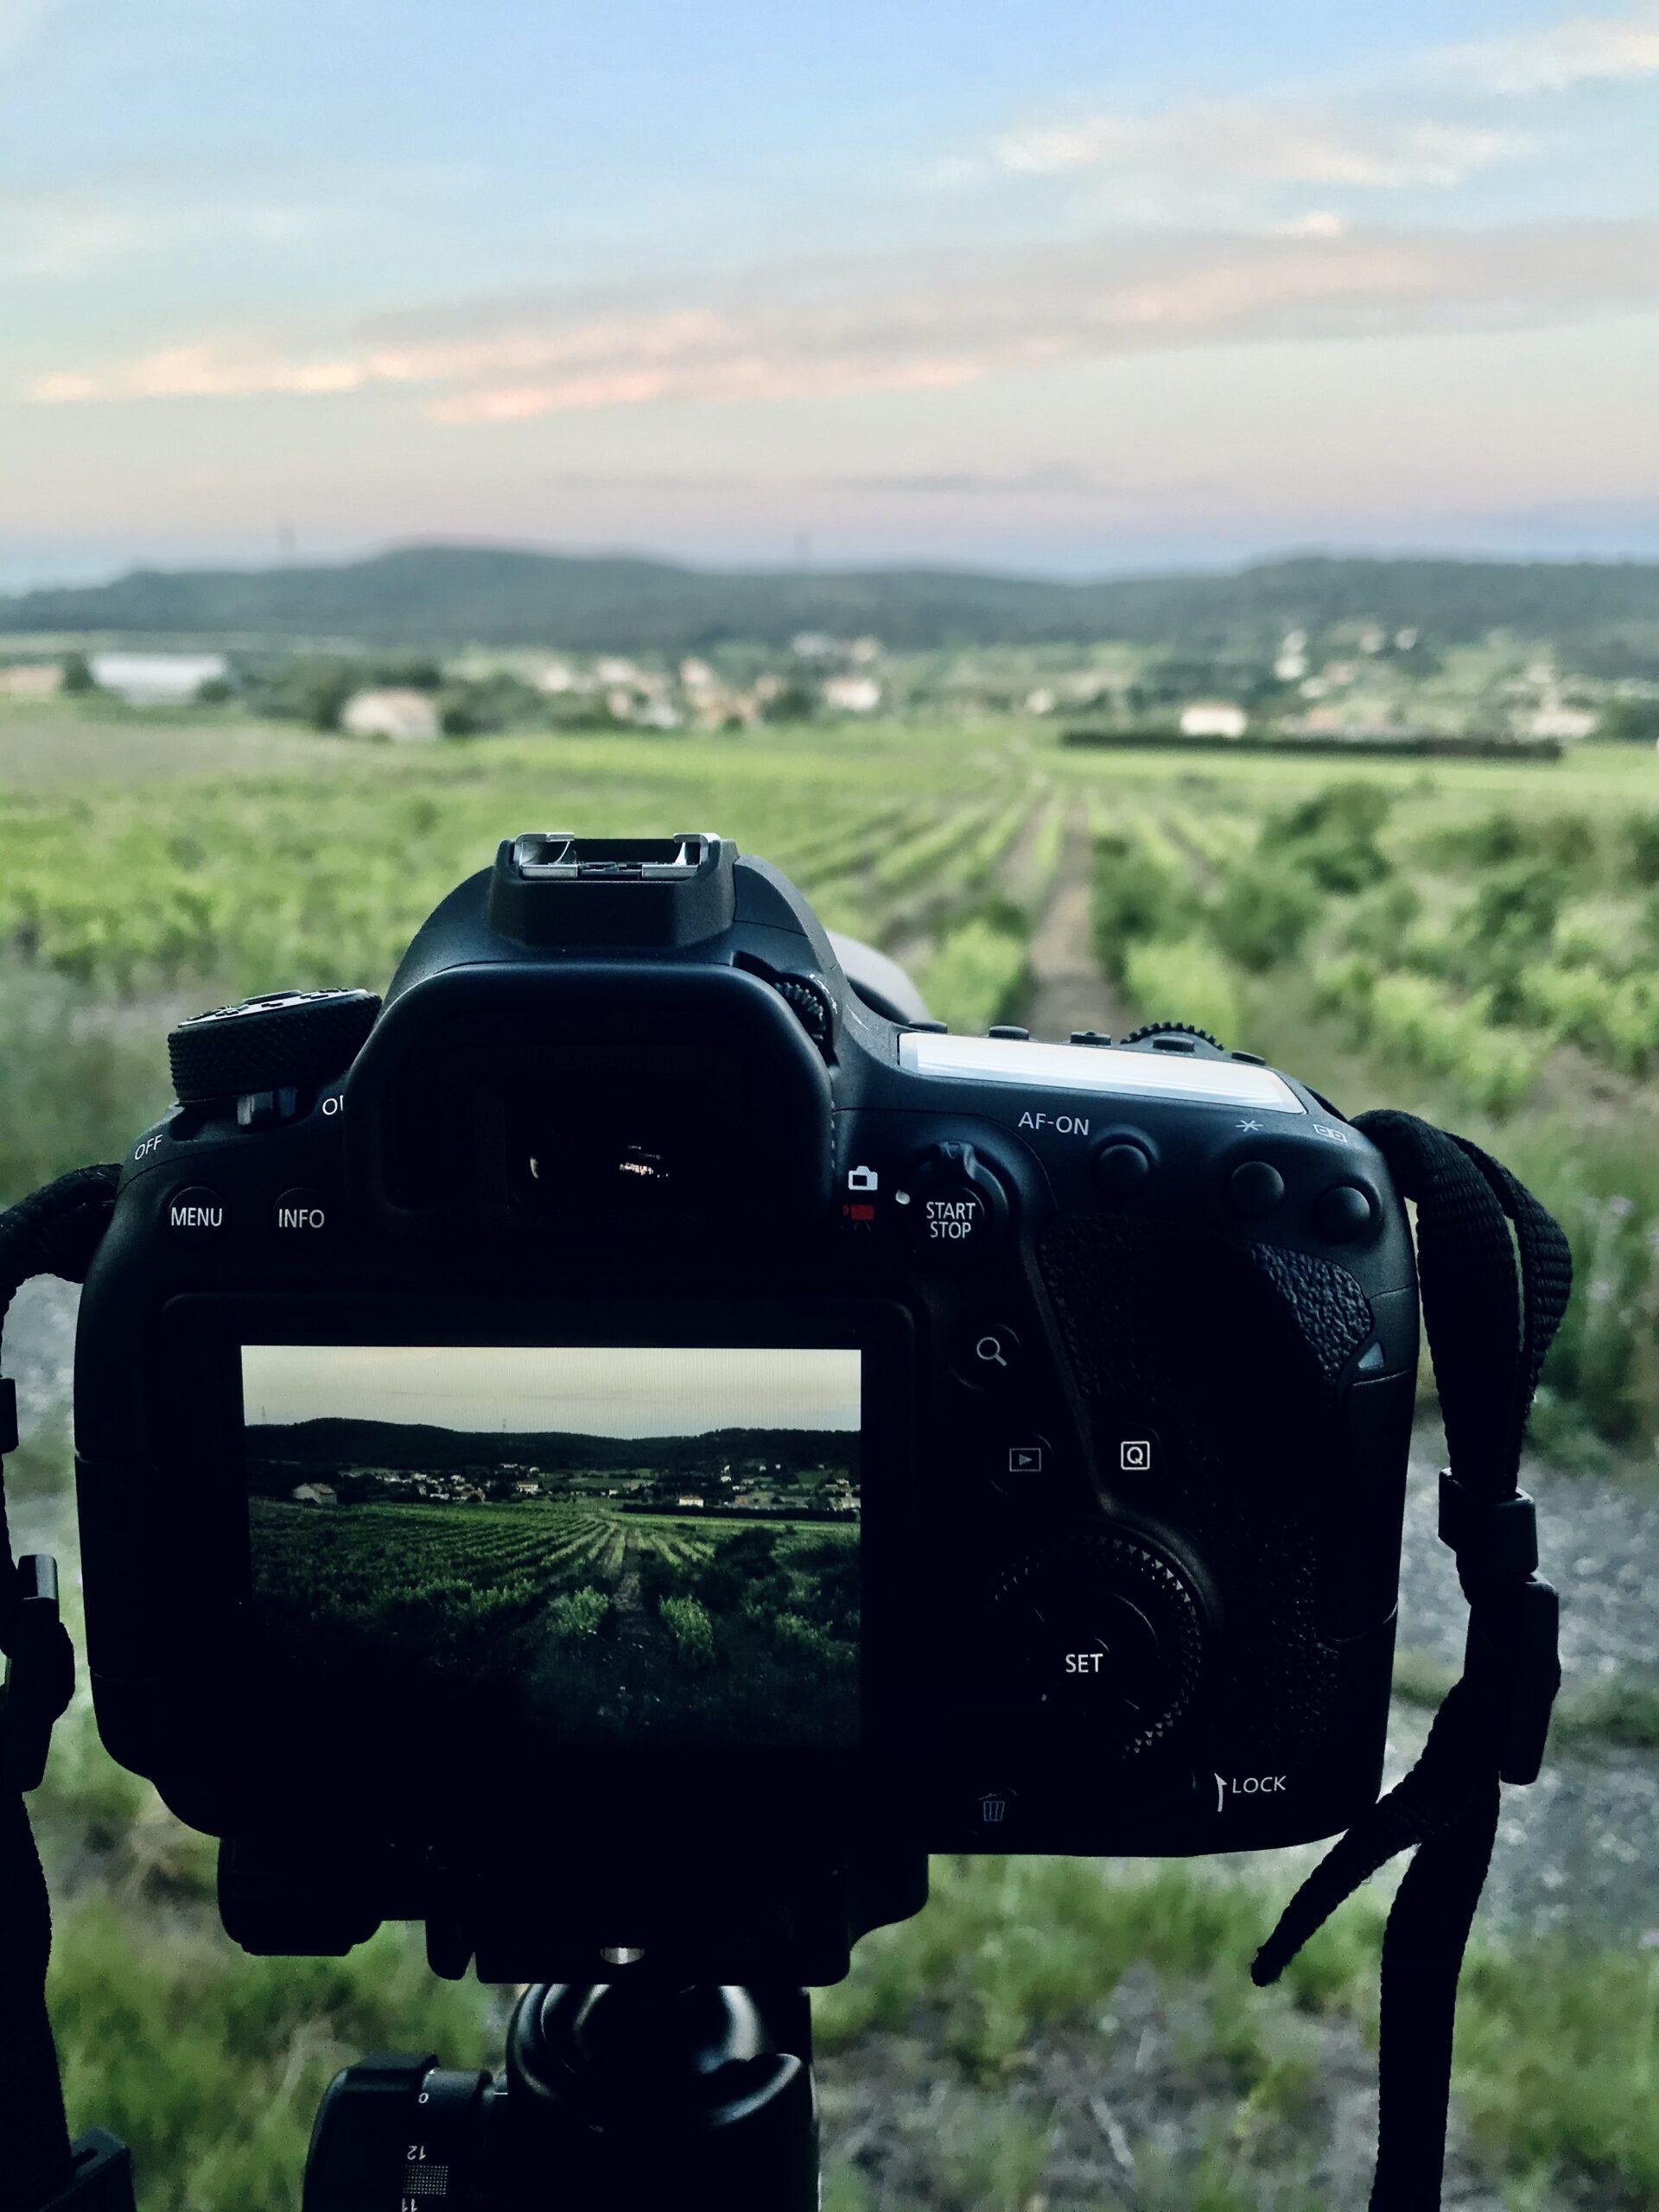 appareil photo dans les vignes